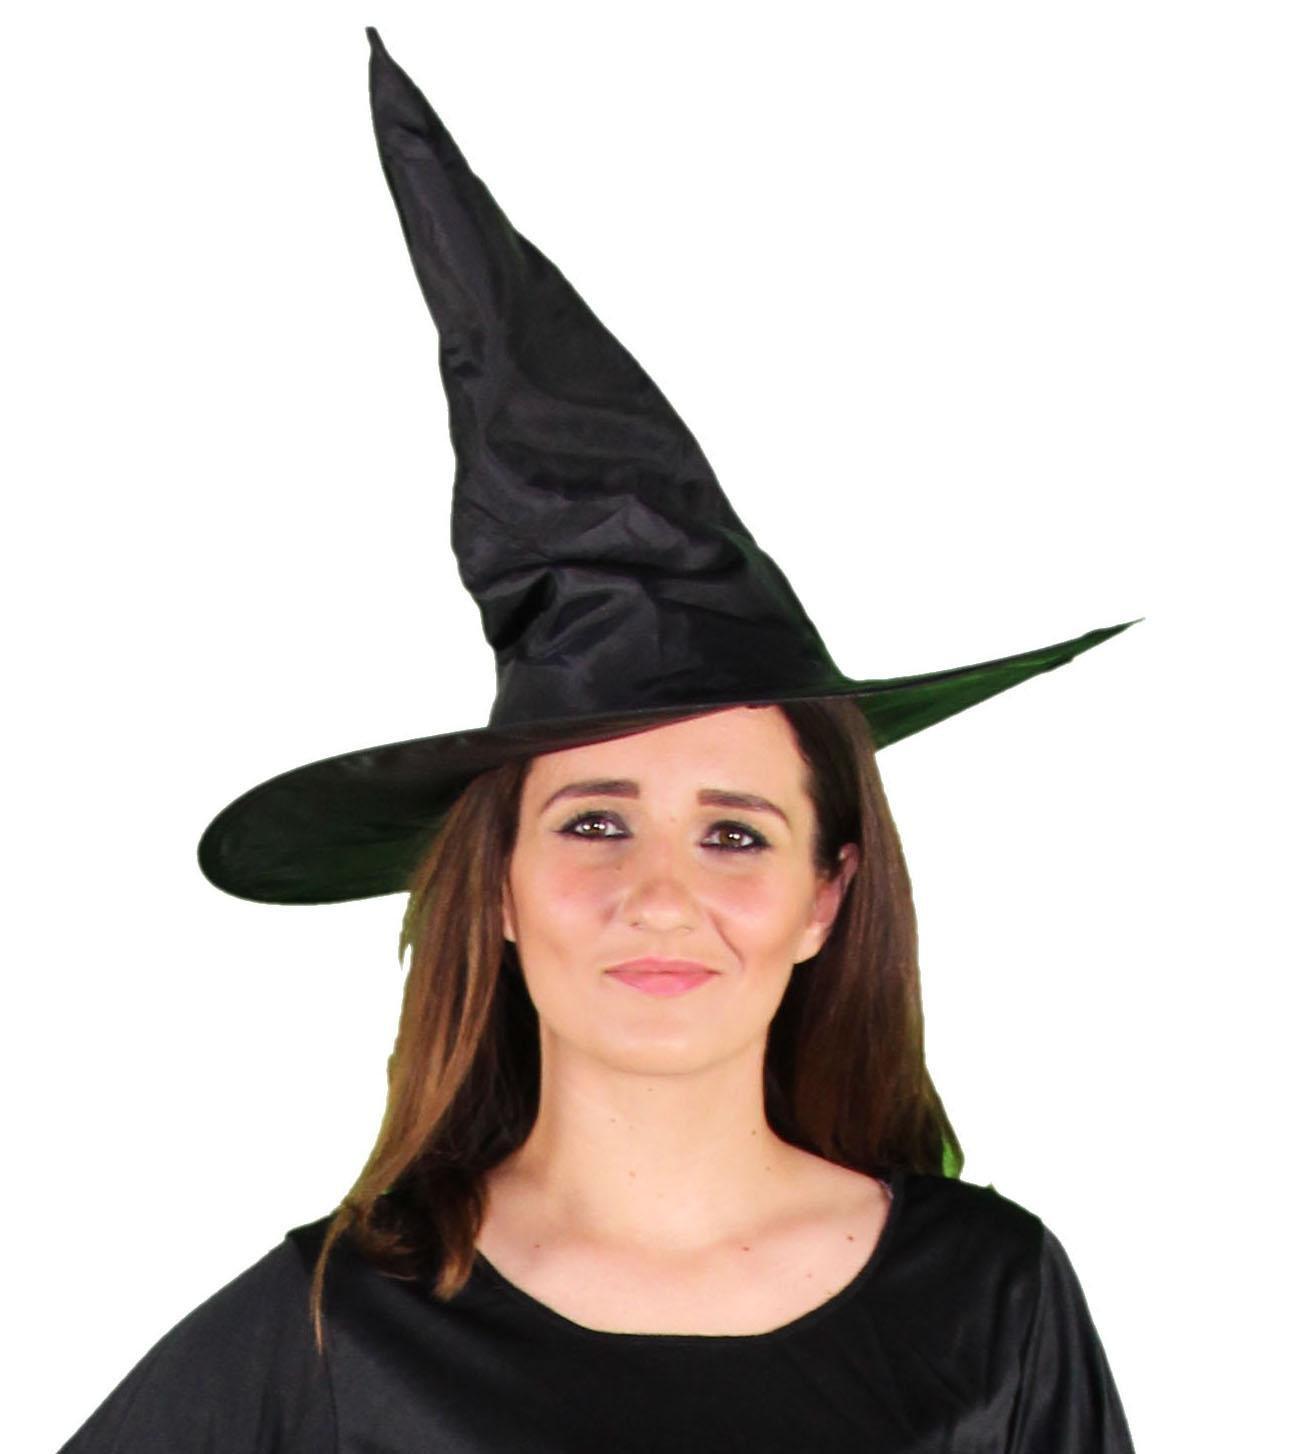 Foxxeo 35207 | schwarzer Hexenhut für Damen Halloween Horror Party schwarz Hexe Hut Kopfbedeckung